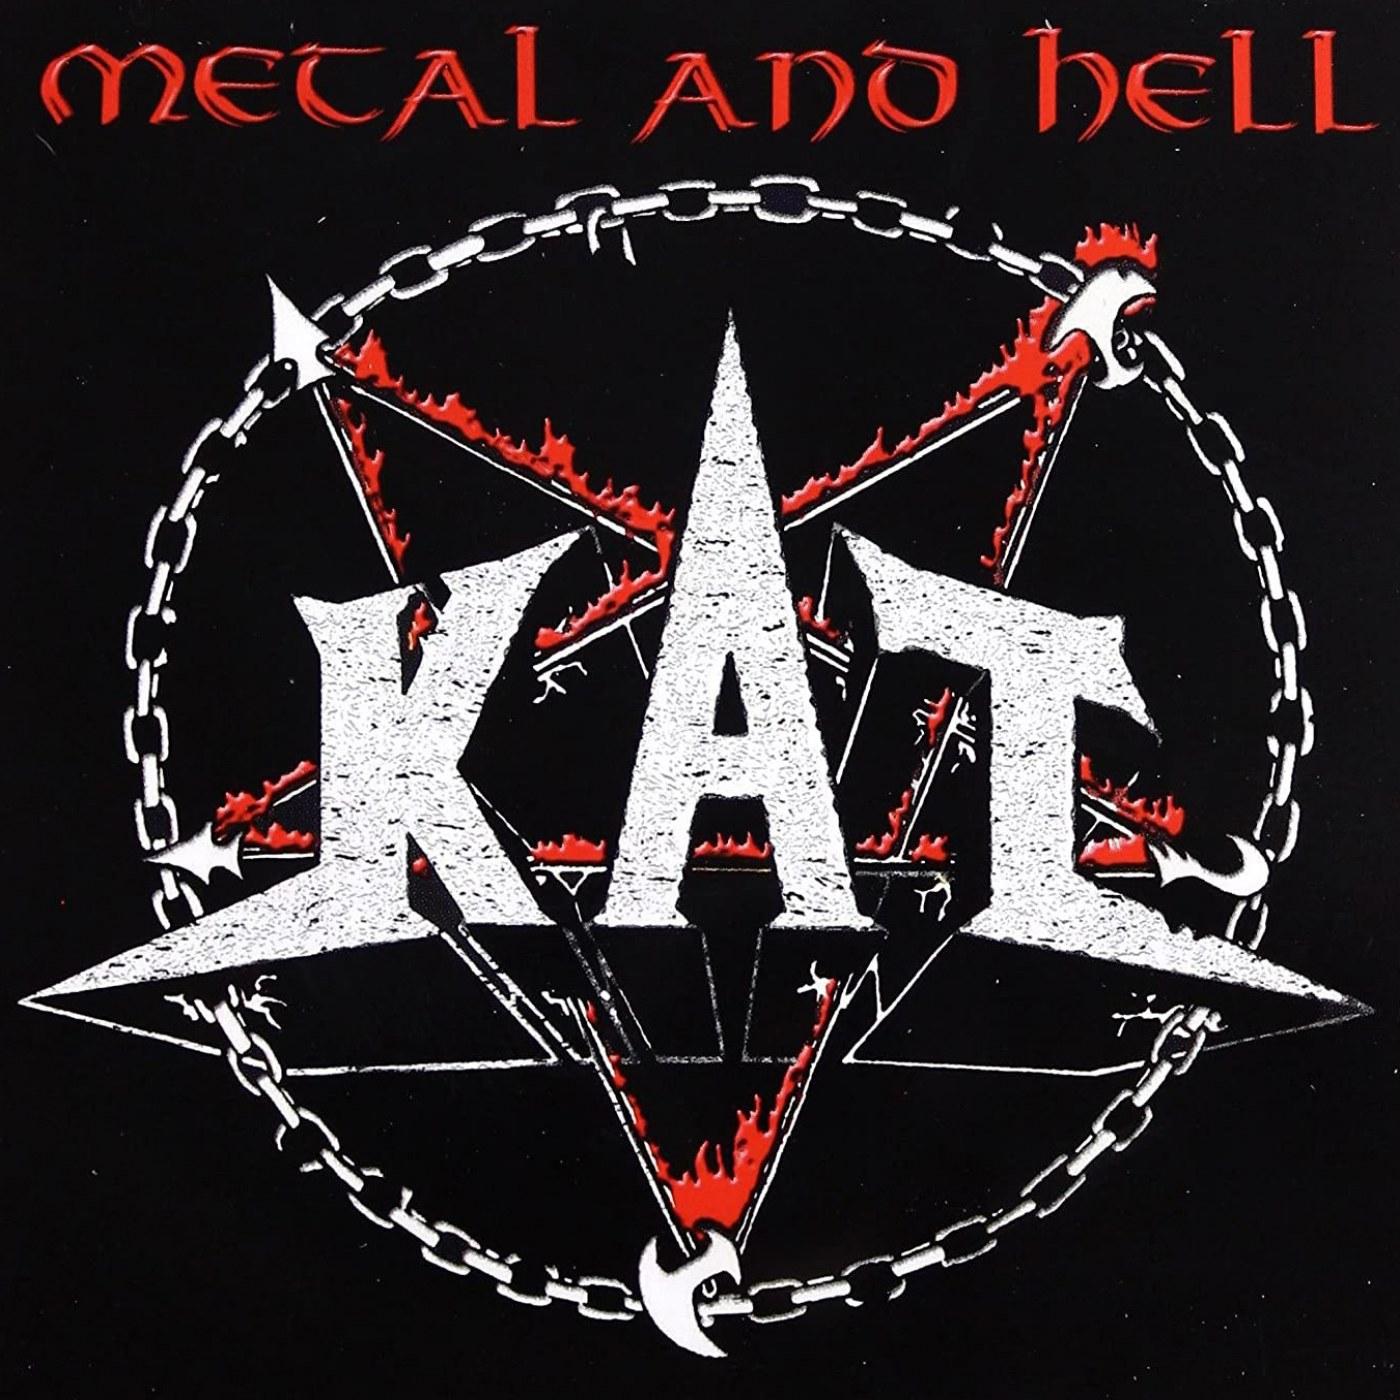 Kat (POL) - Metal and Hell